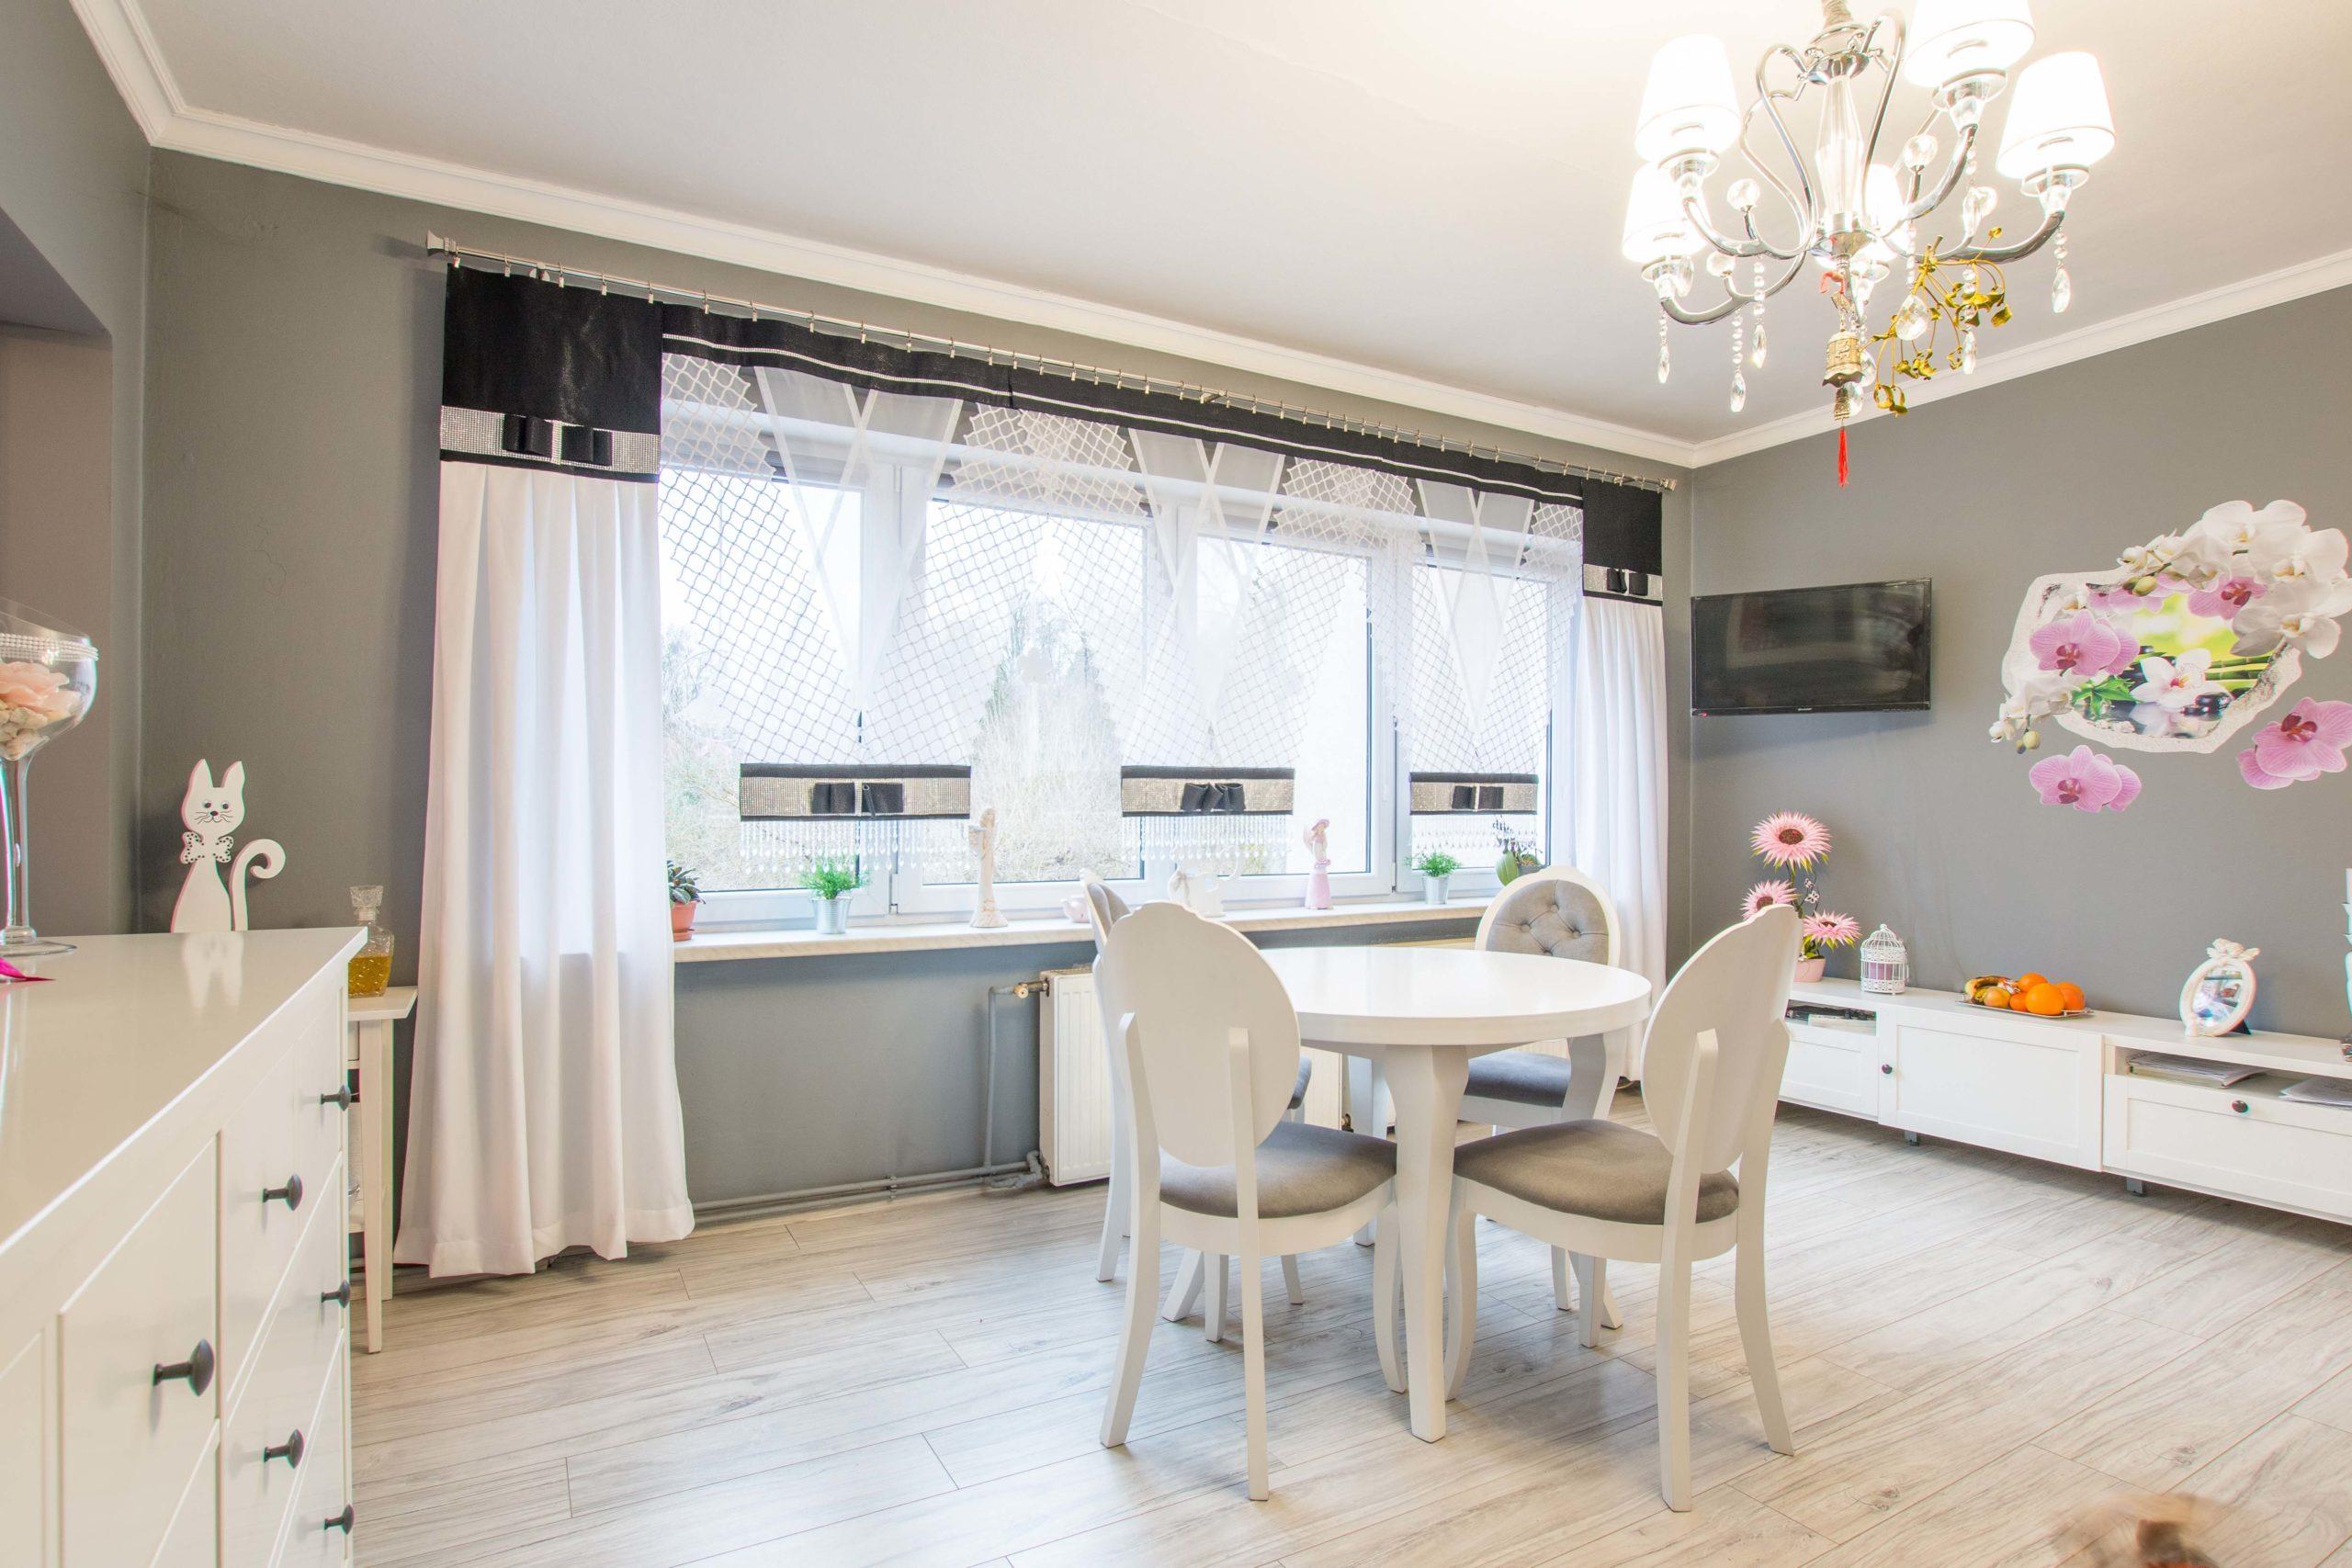 Duże, przestronne mieszkanie 4-pokojowe, 93 m2, Bytyń (gm. Kaźmierz)